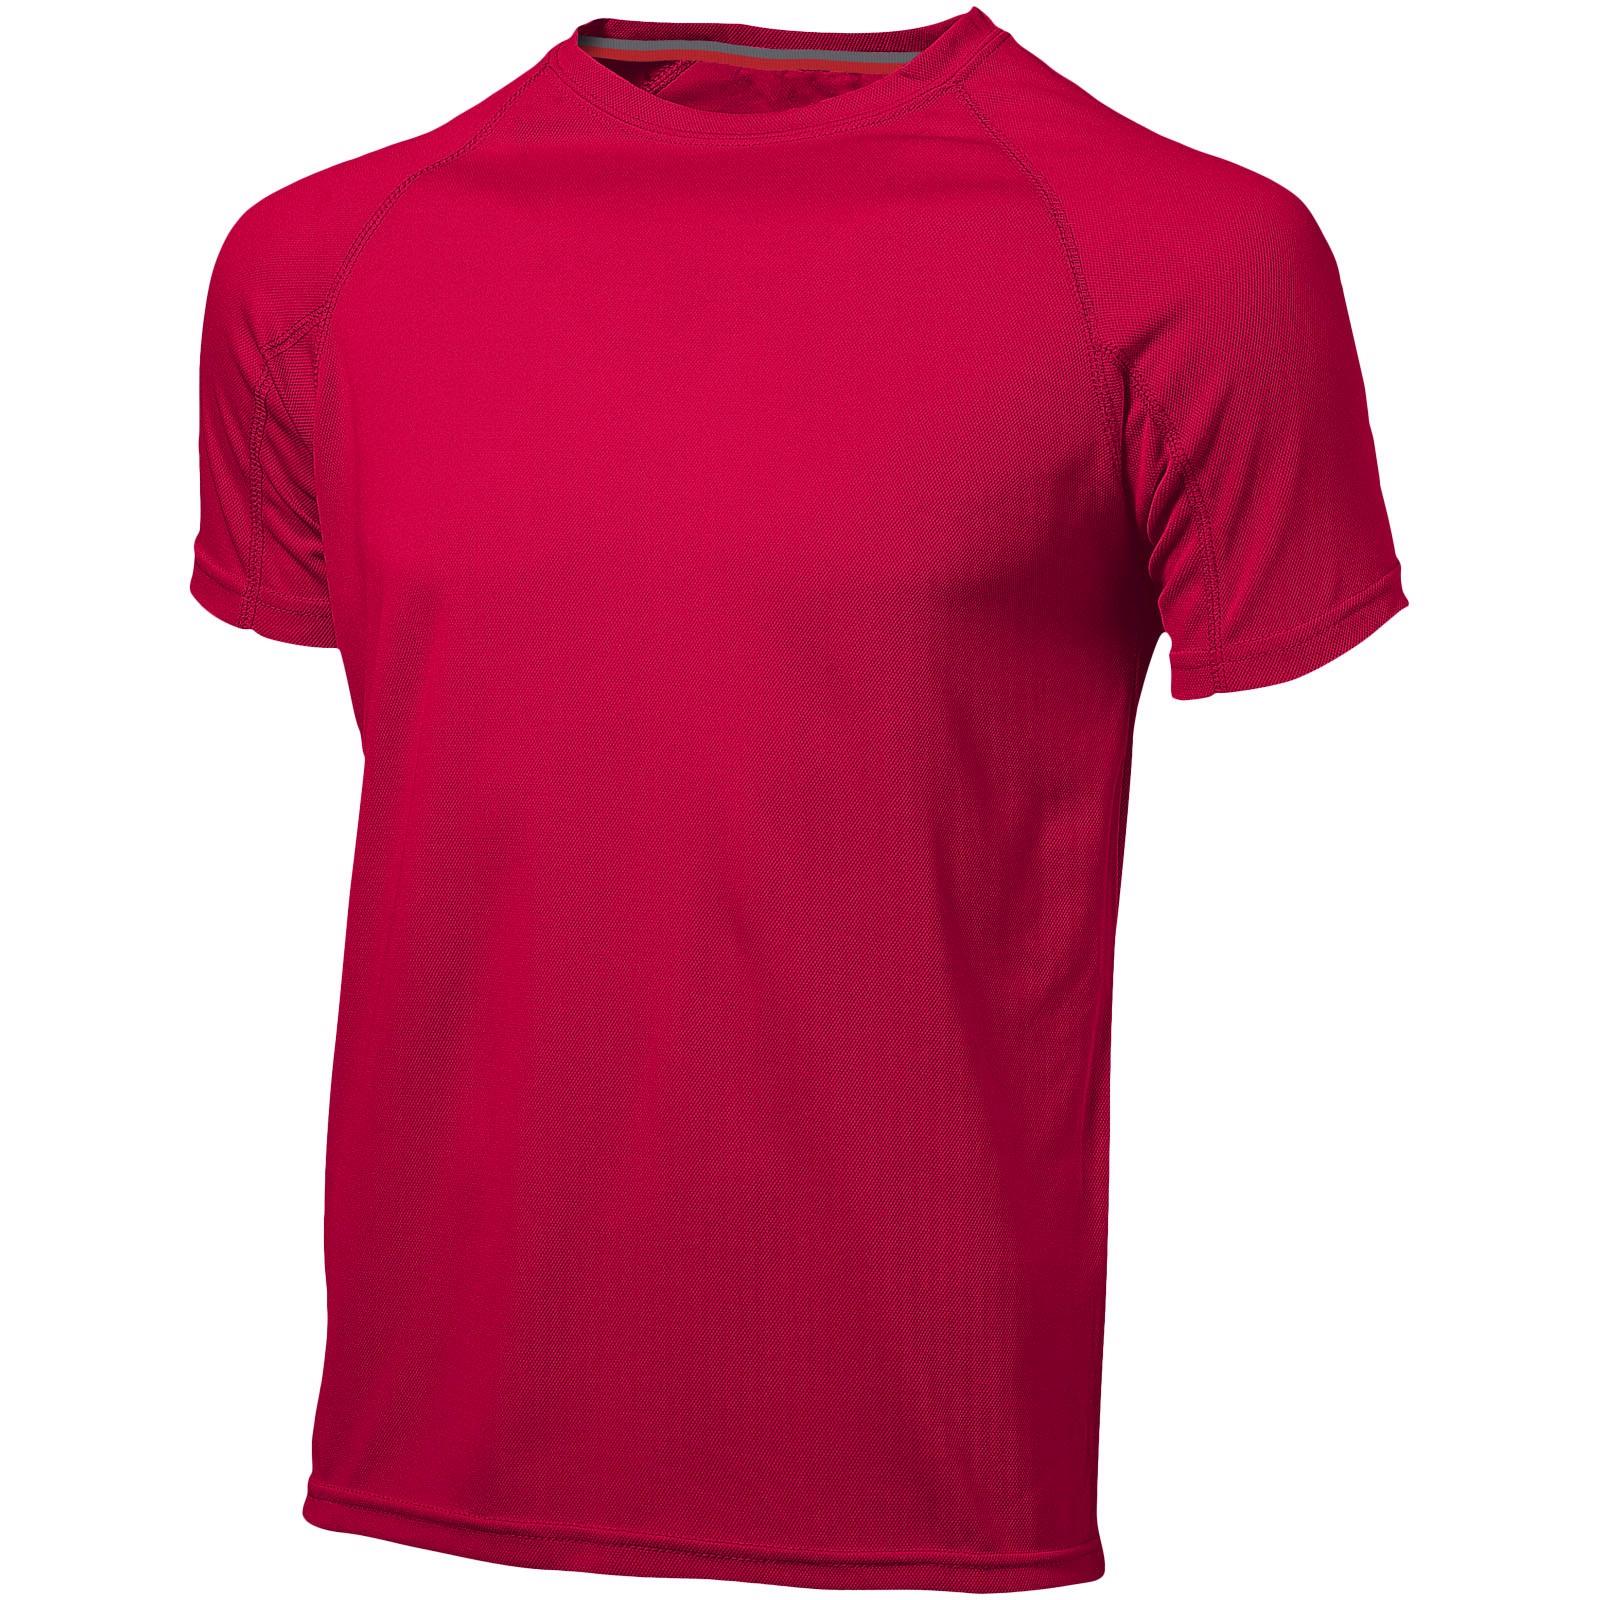 Pánské triko Serve s krátkým rukávem, s povrchovou úpravou - Red / XXL